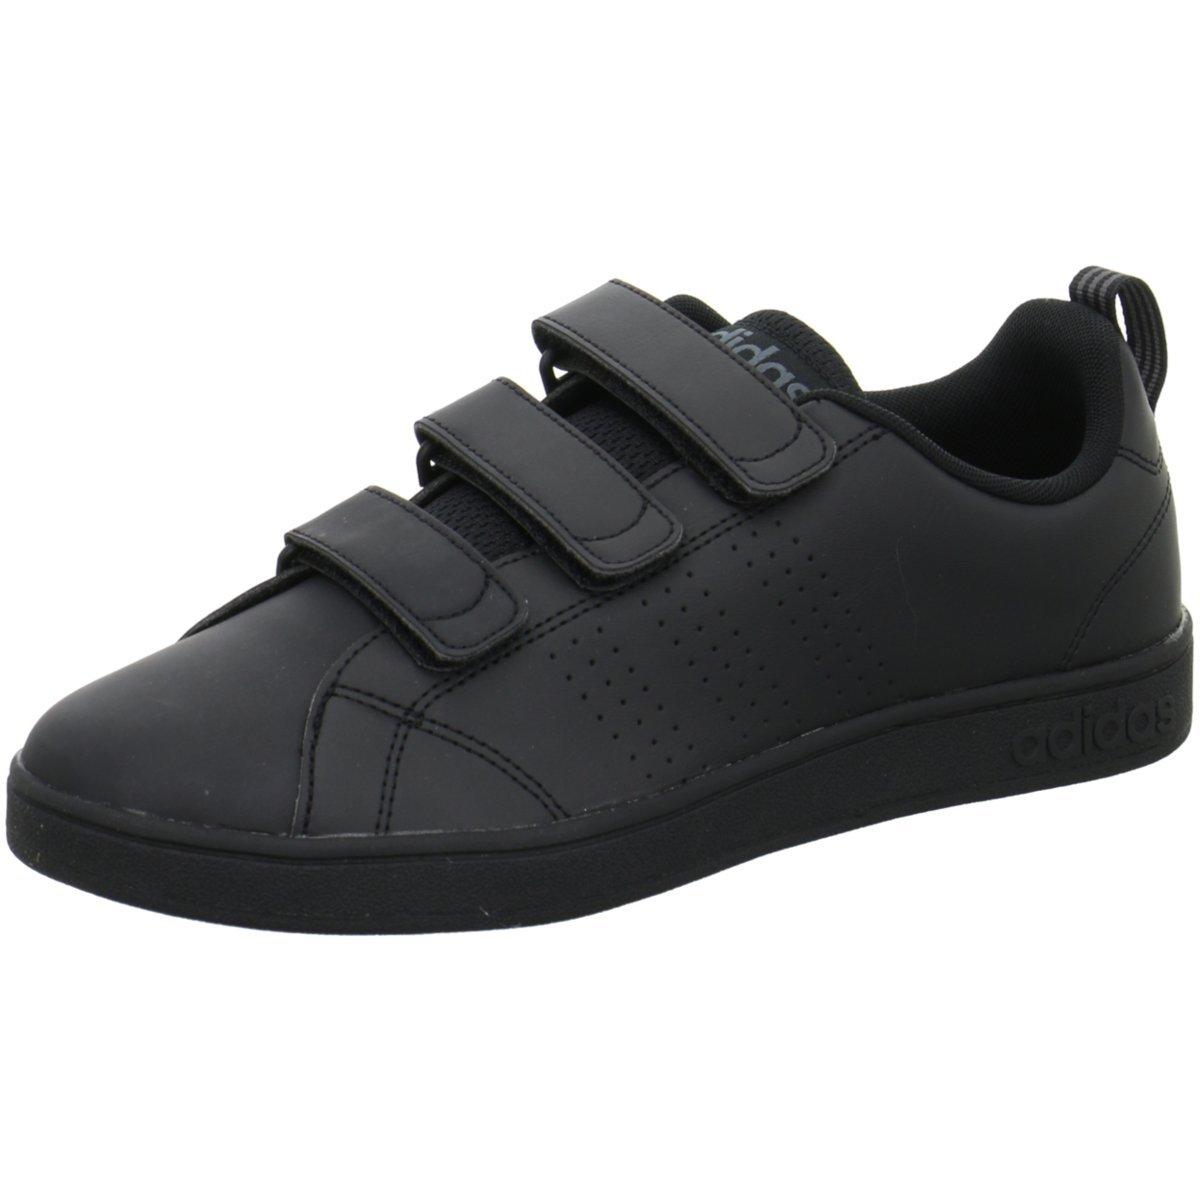 new concept 85600 12f75 adidas , Basses Homme - Noir - Noir, 12 Amazon.fr Chaussures